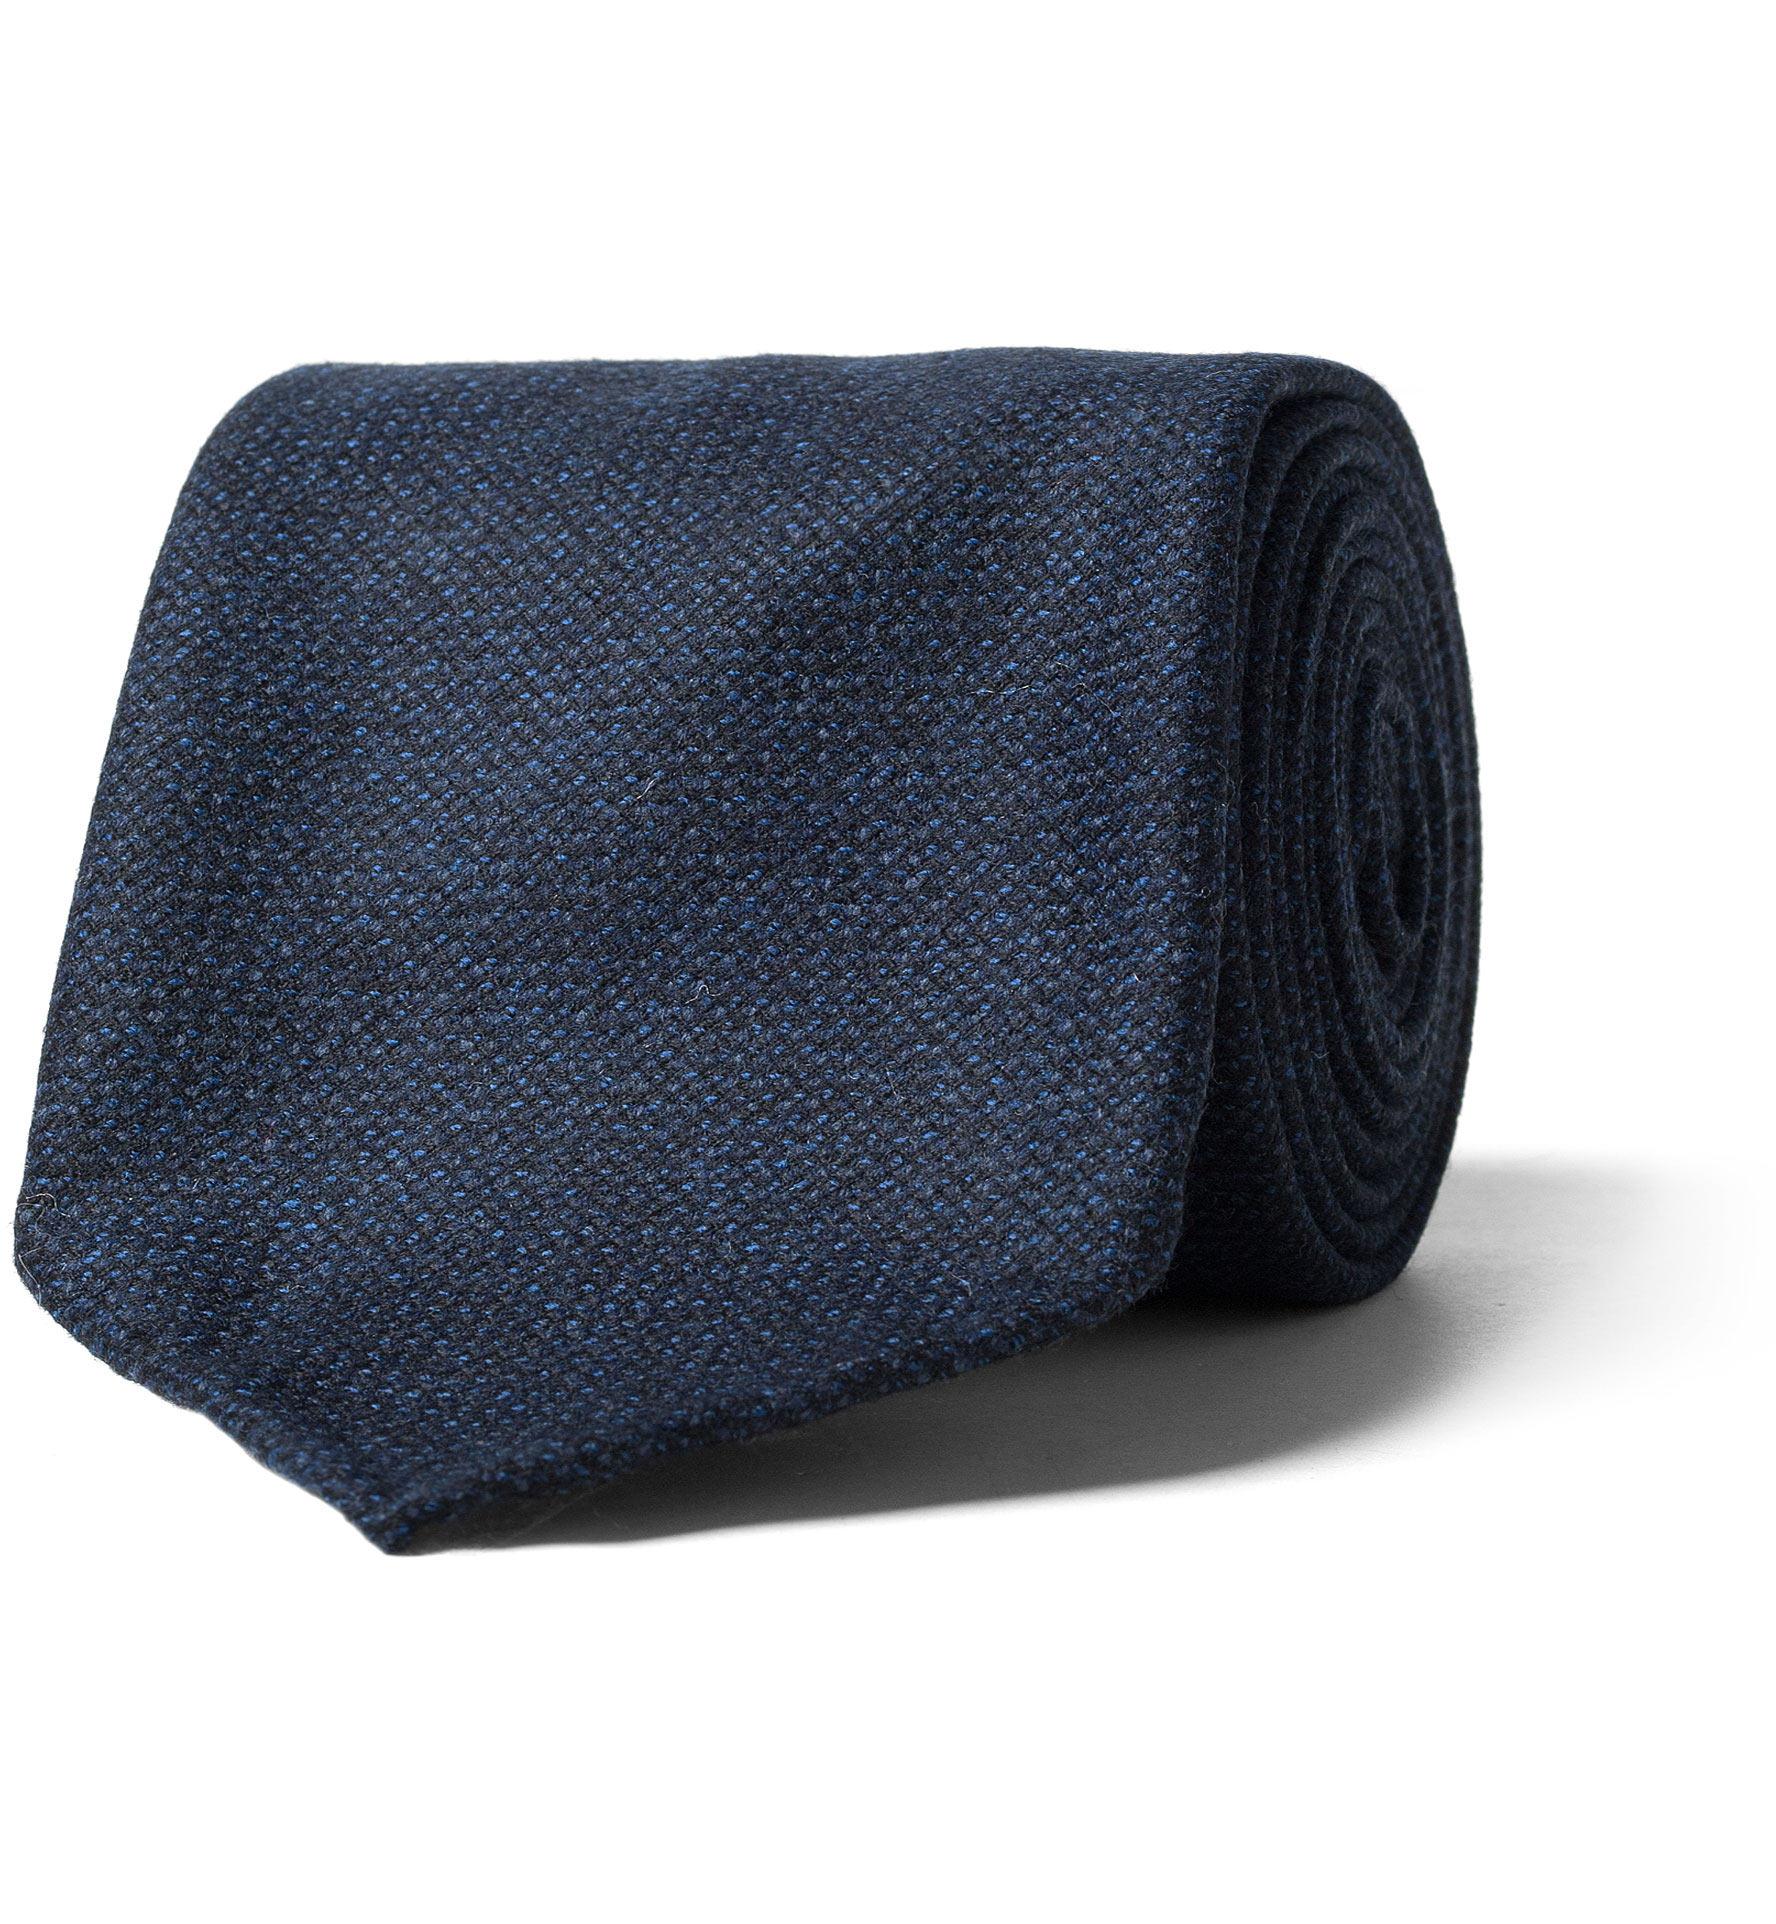 Zoom Image of Navy Hopsack Wool Untipped Tie